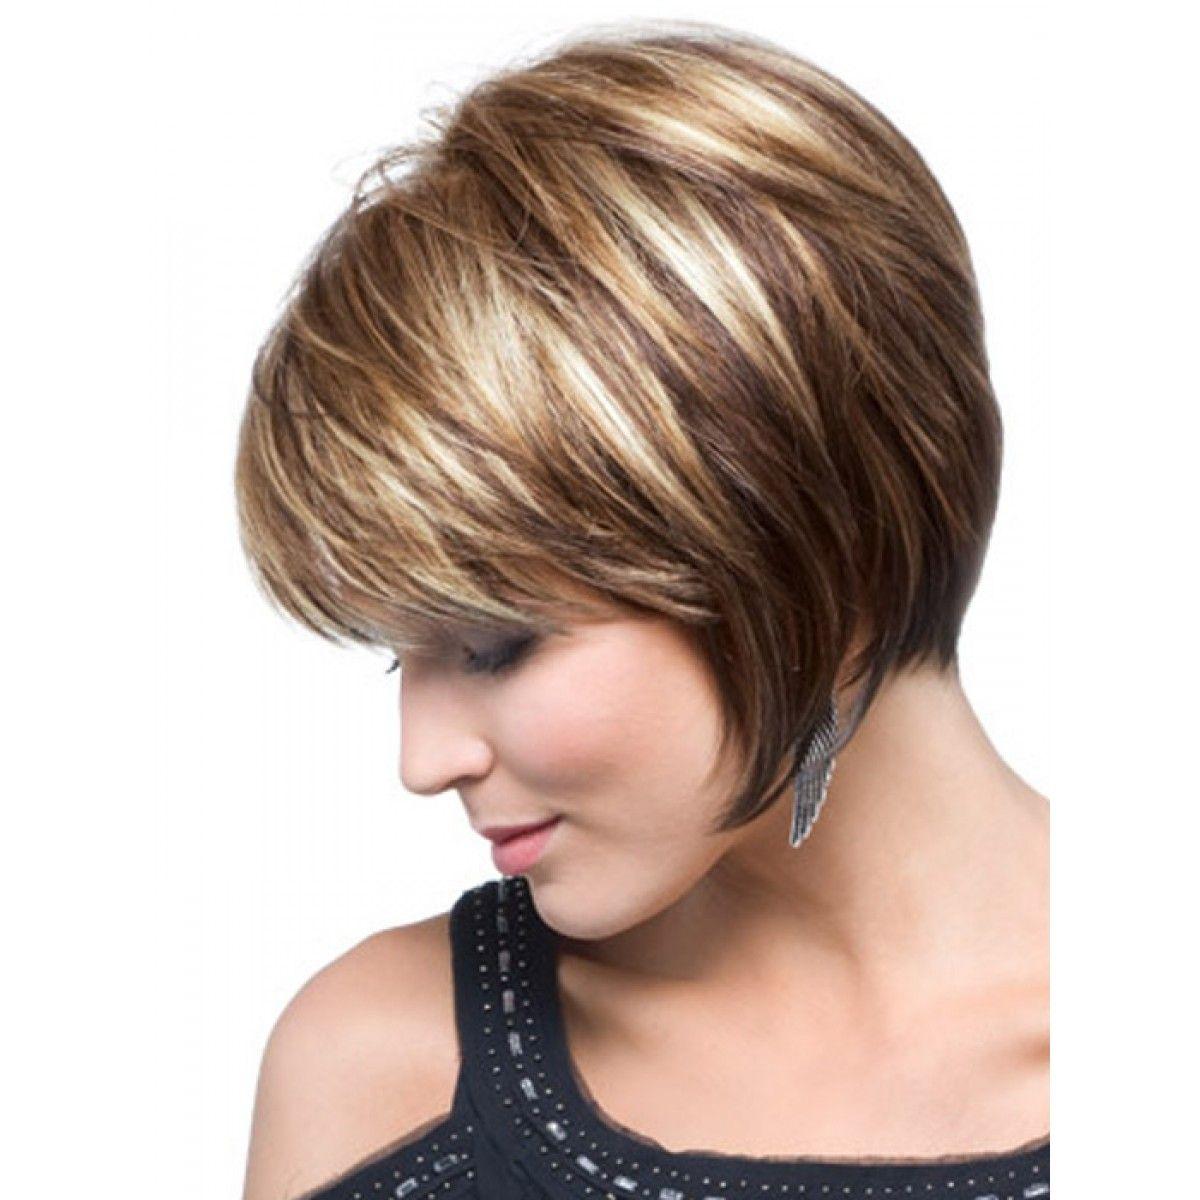 Astounding 50 Best Short Hairstyles For Fine Hair Womens Short Hairstyles Short Hairstyles For Black Women Fulllsitofus